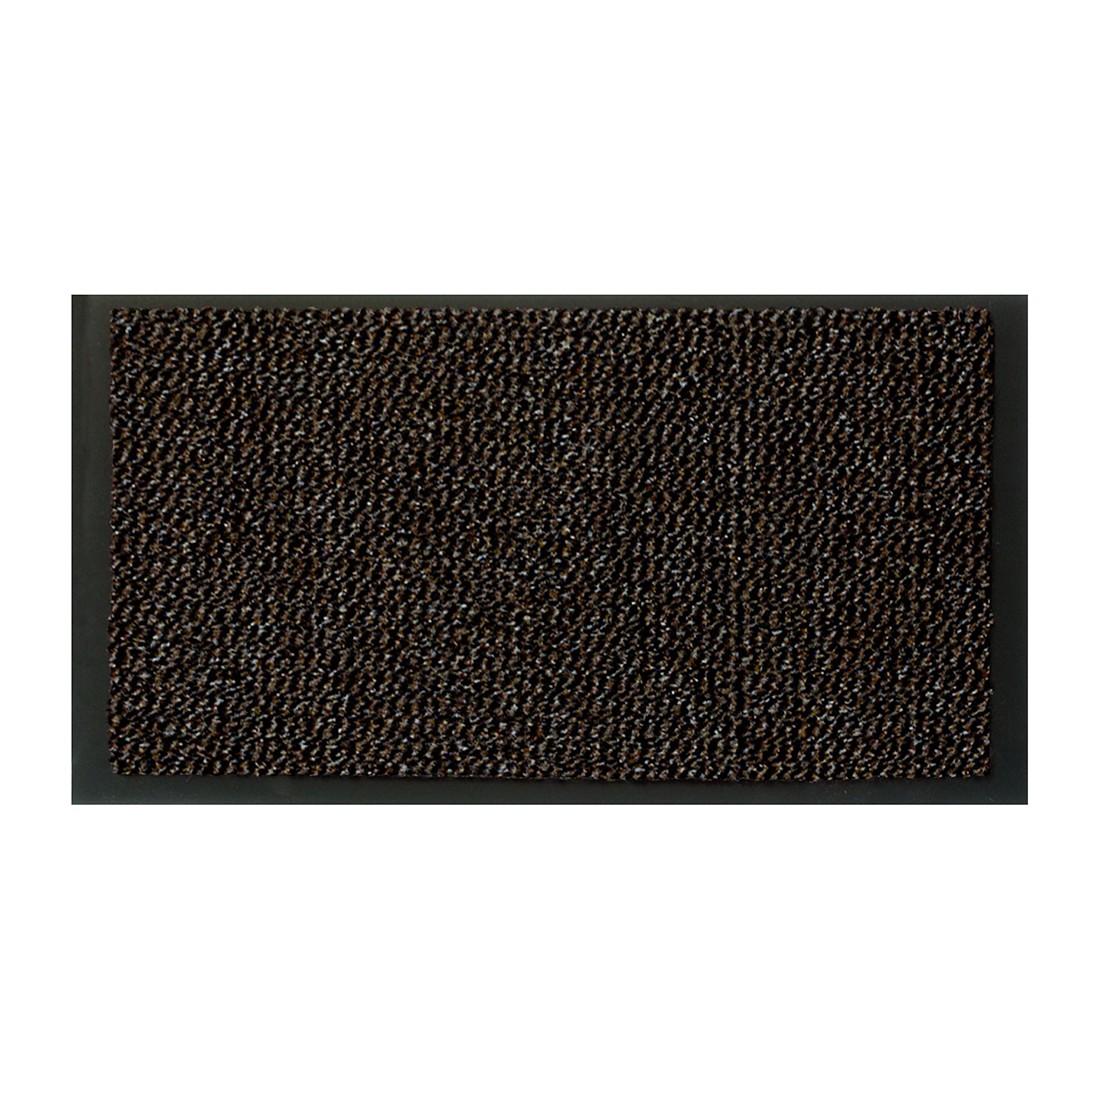 Fußmatte Saphir - Braun meliert - 120 x 180 cm, Astra